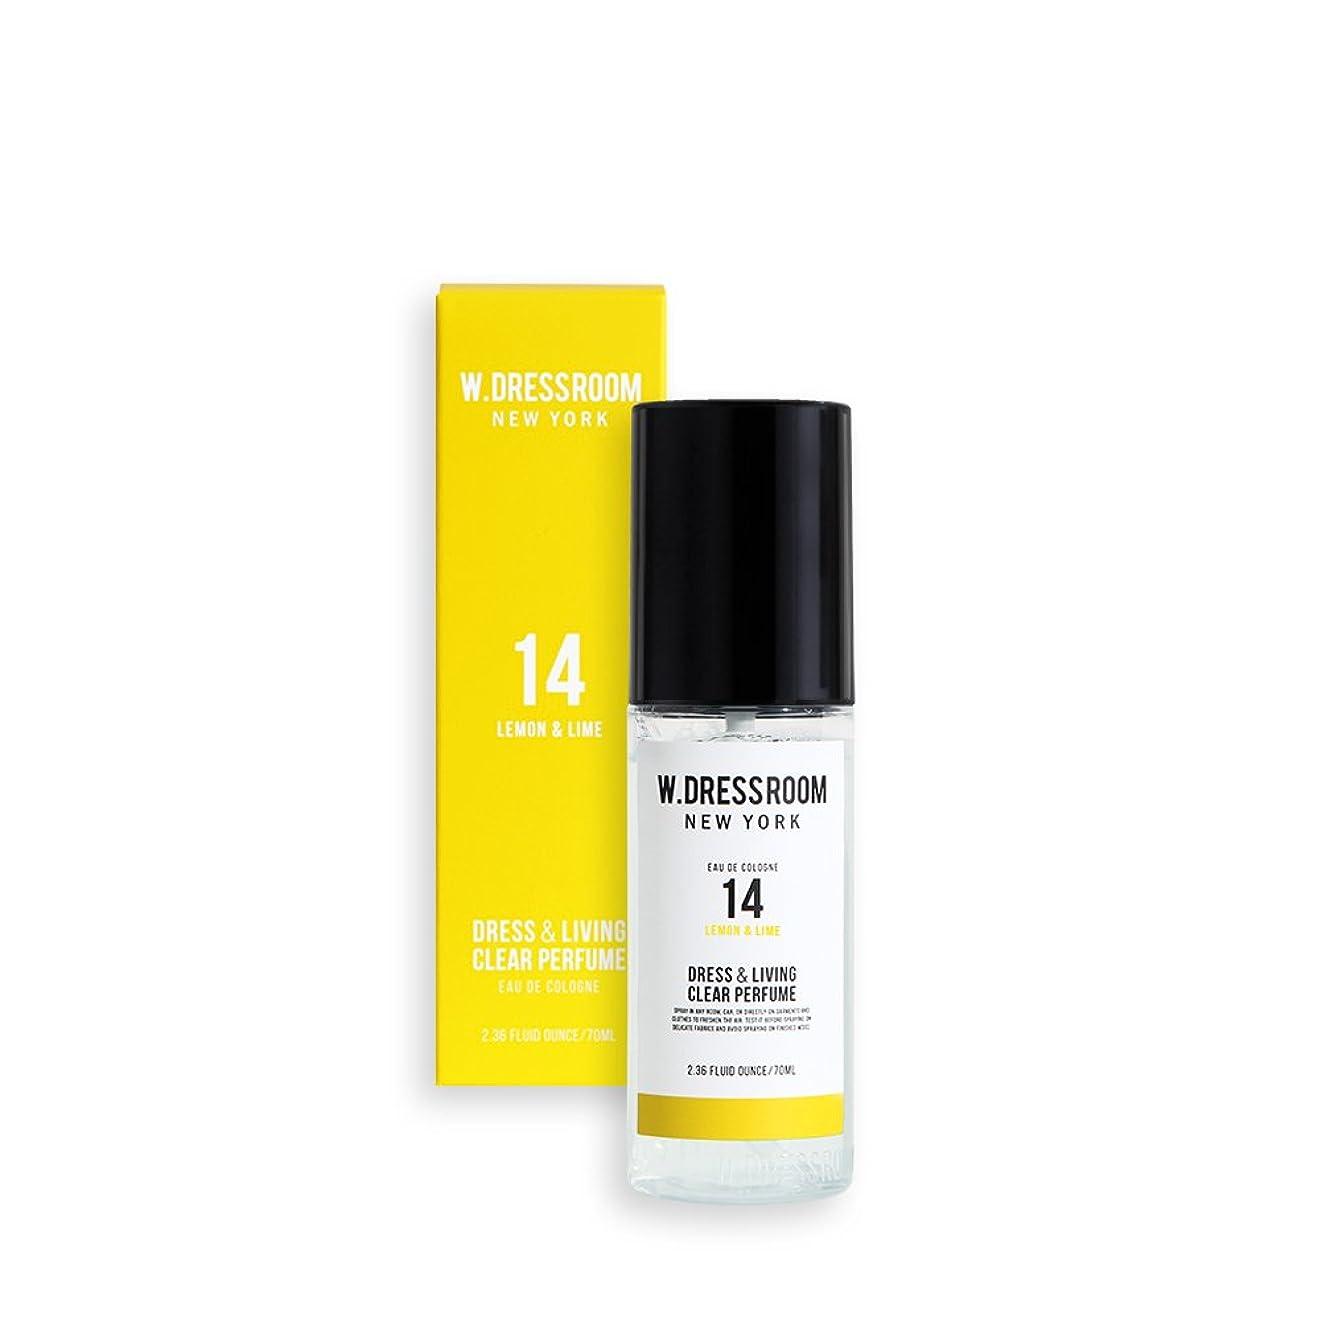 備品焦がす流産W.DRESSROOM Dress & Living Clear Perfume 70ml/ダブルドレスルーム ドレス&リビング クリア パフューム 70ml (#No.14 Lemon & Lime) [並行輸入品]